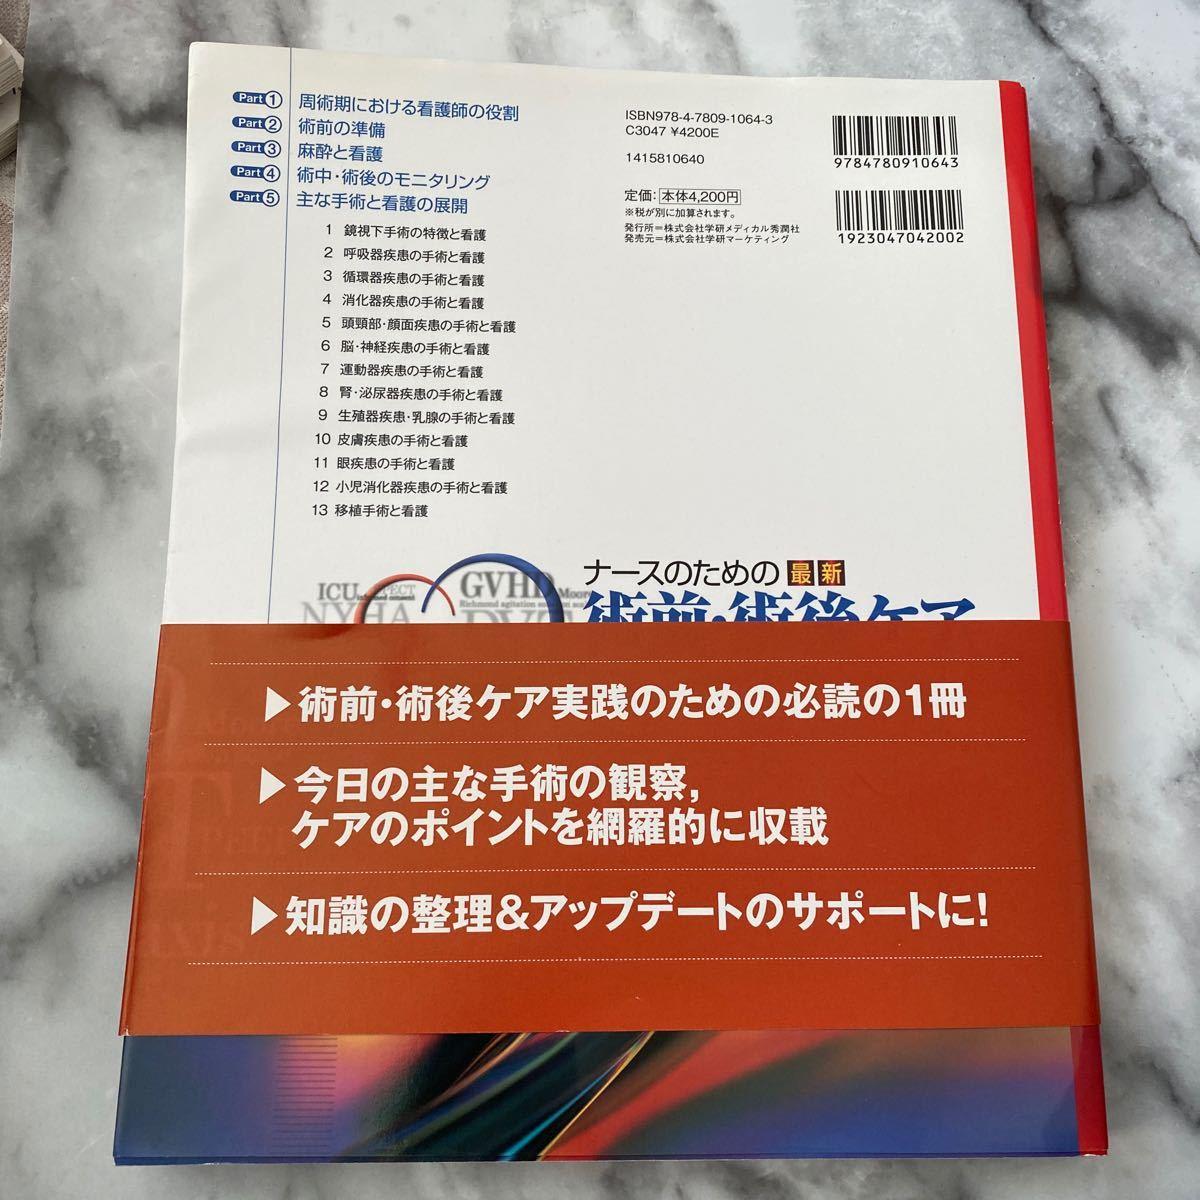 サポート 学研 ログイン メディカル